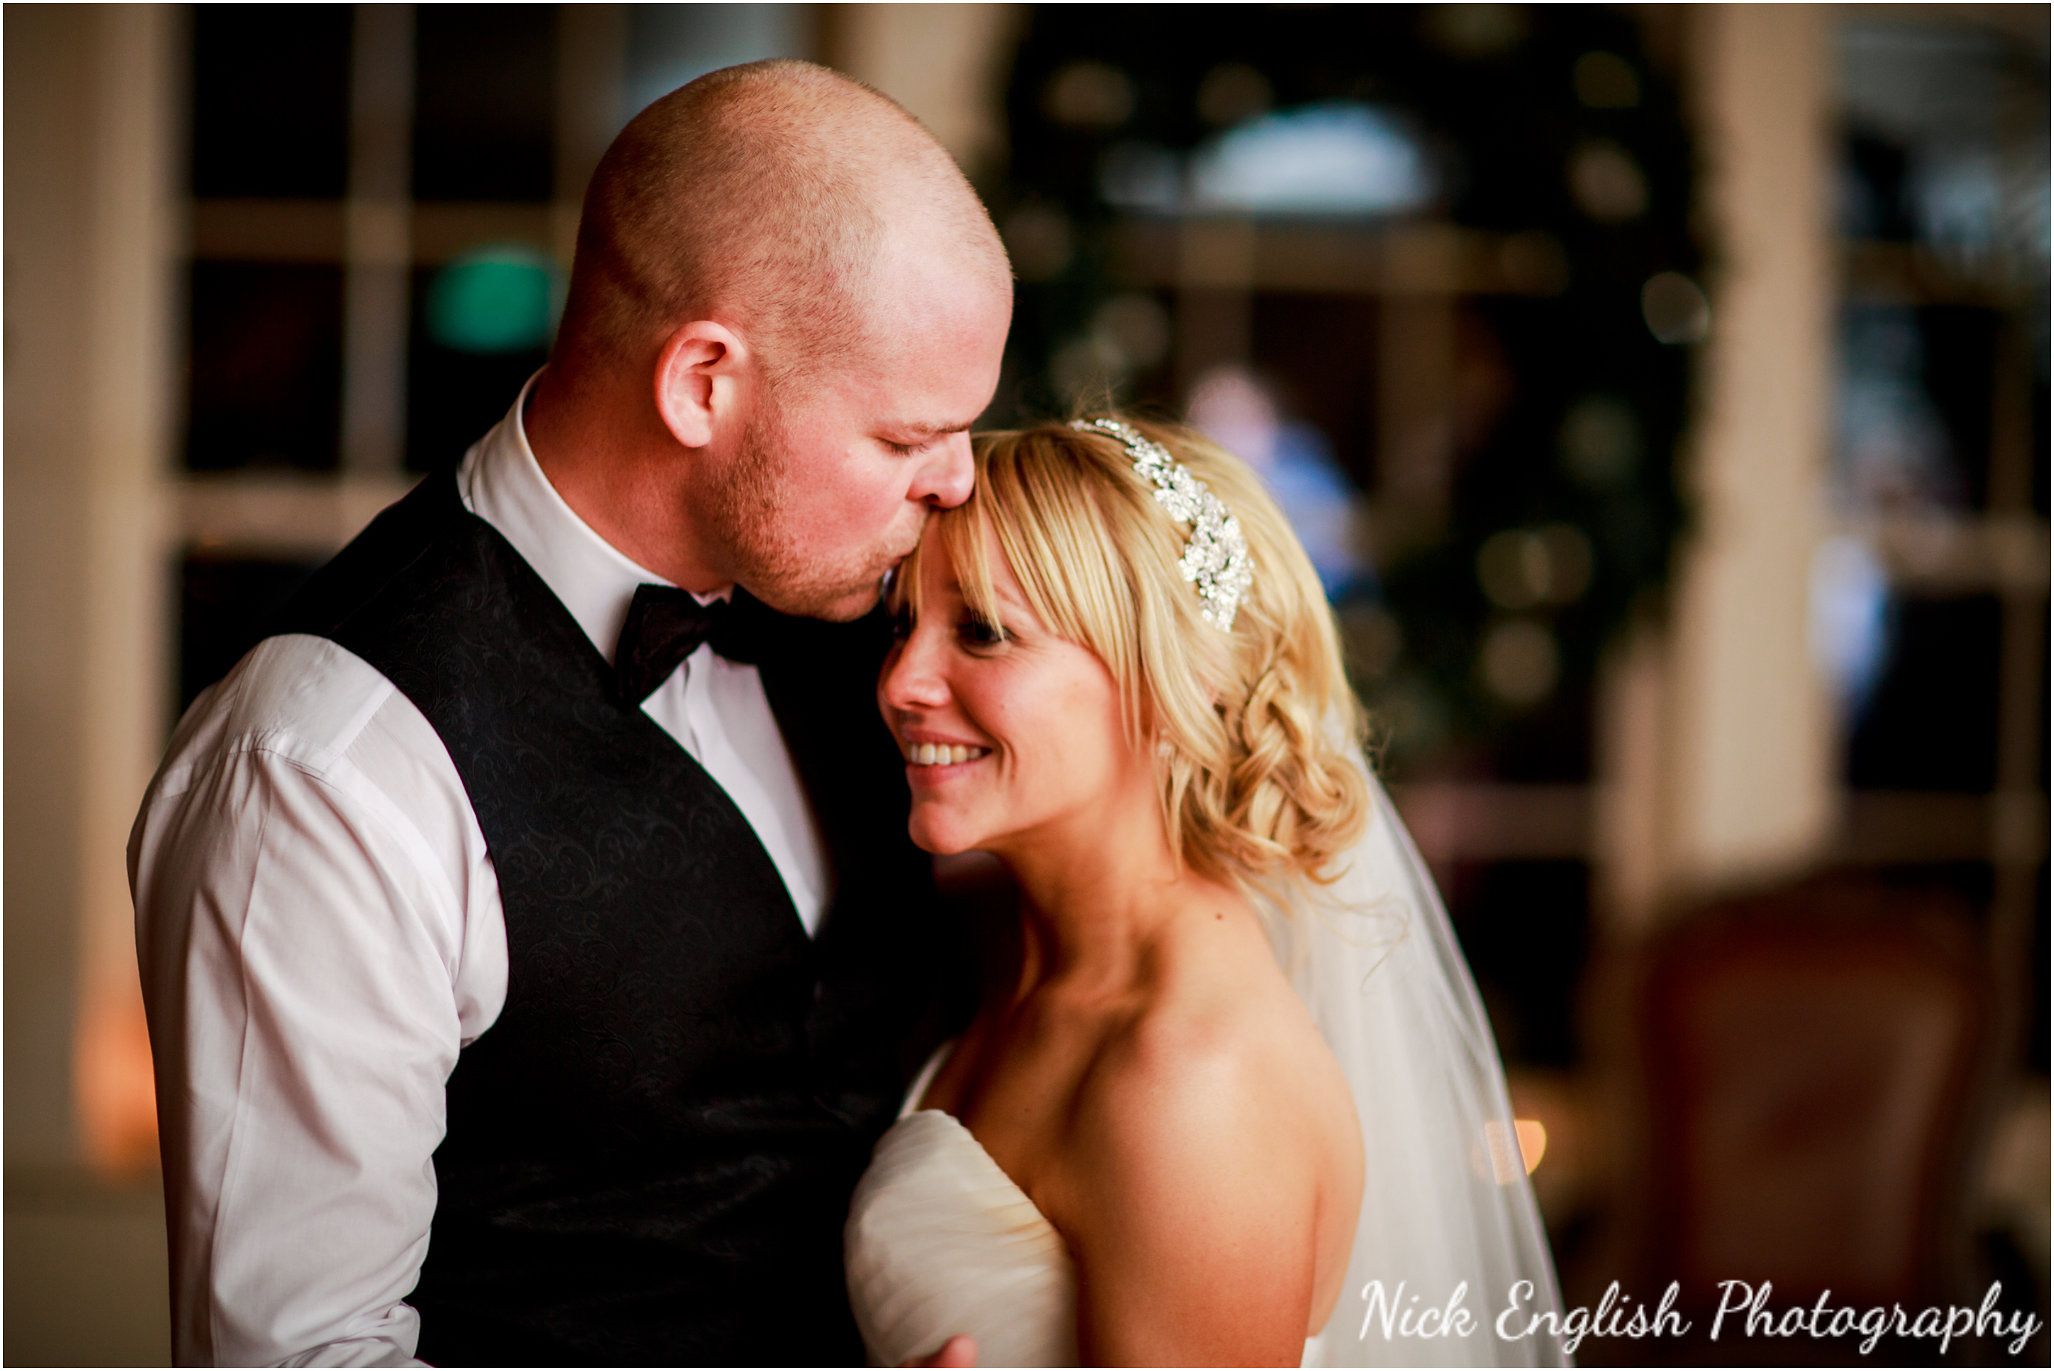 Mitton Hall Bride Groom First Dance Wedding